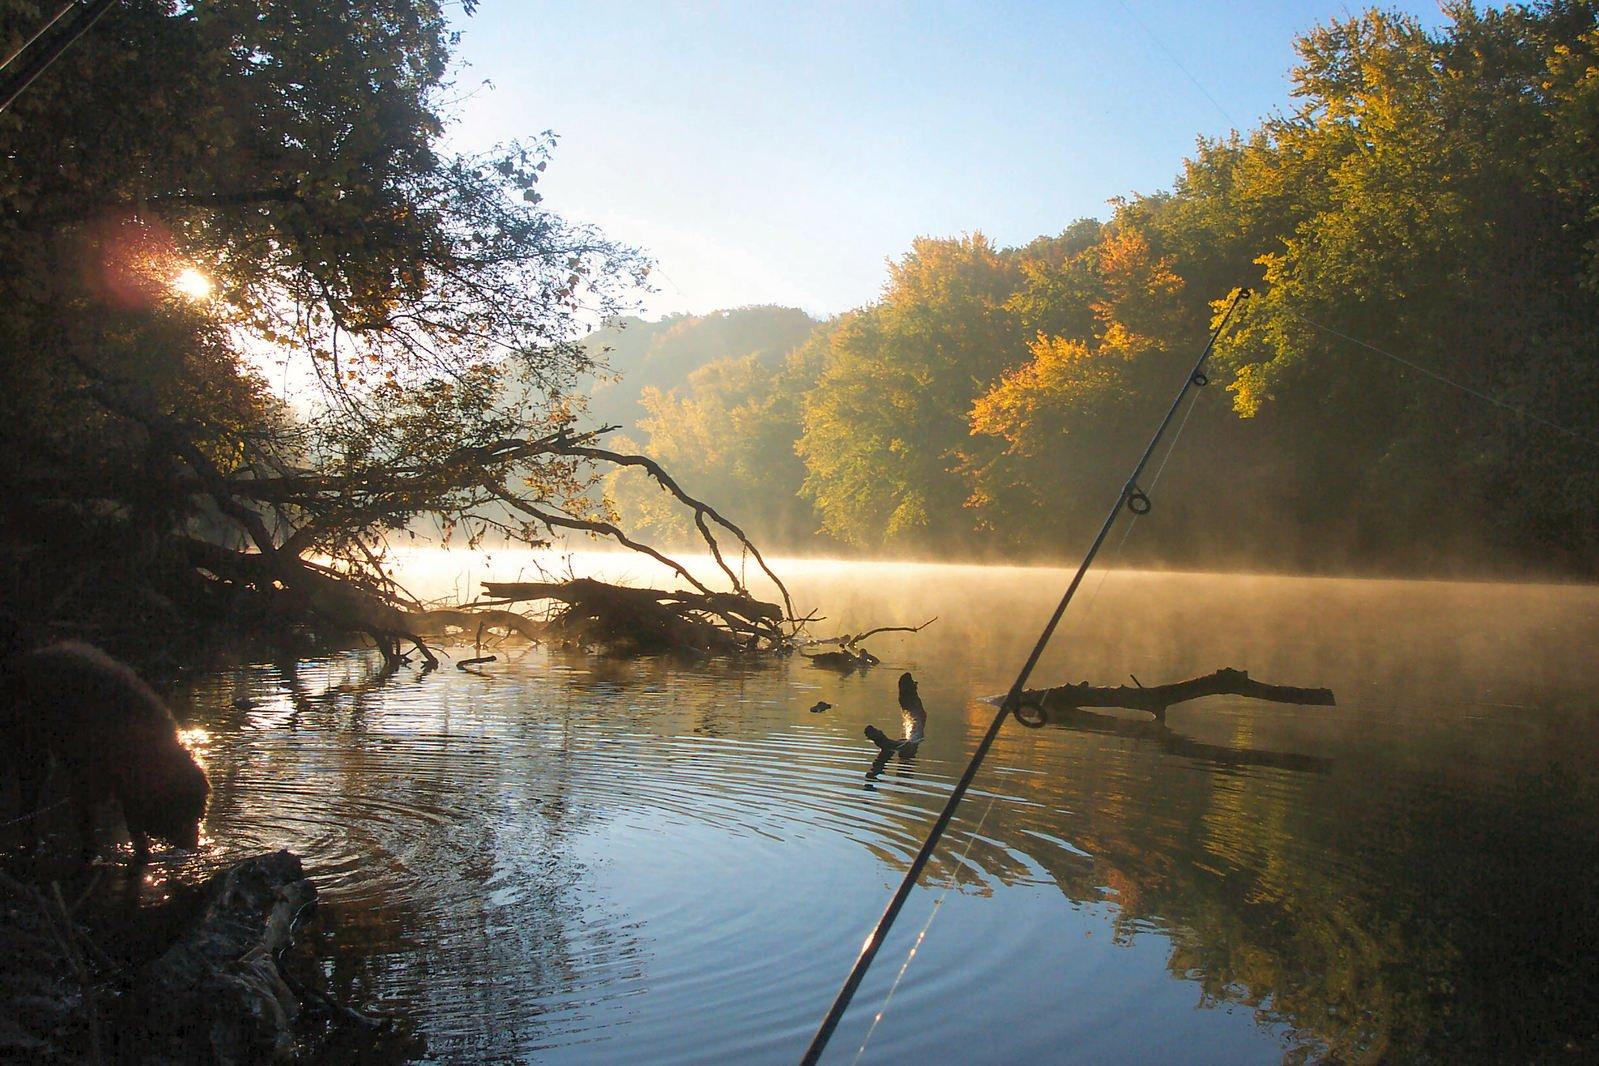 Картинка природы на рыбалке